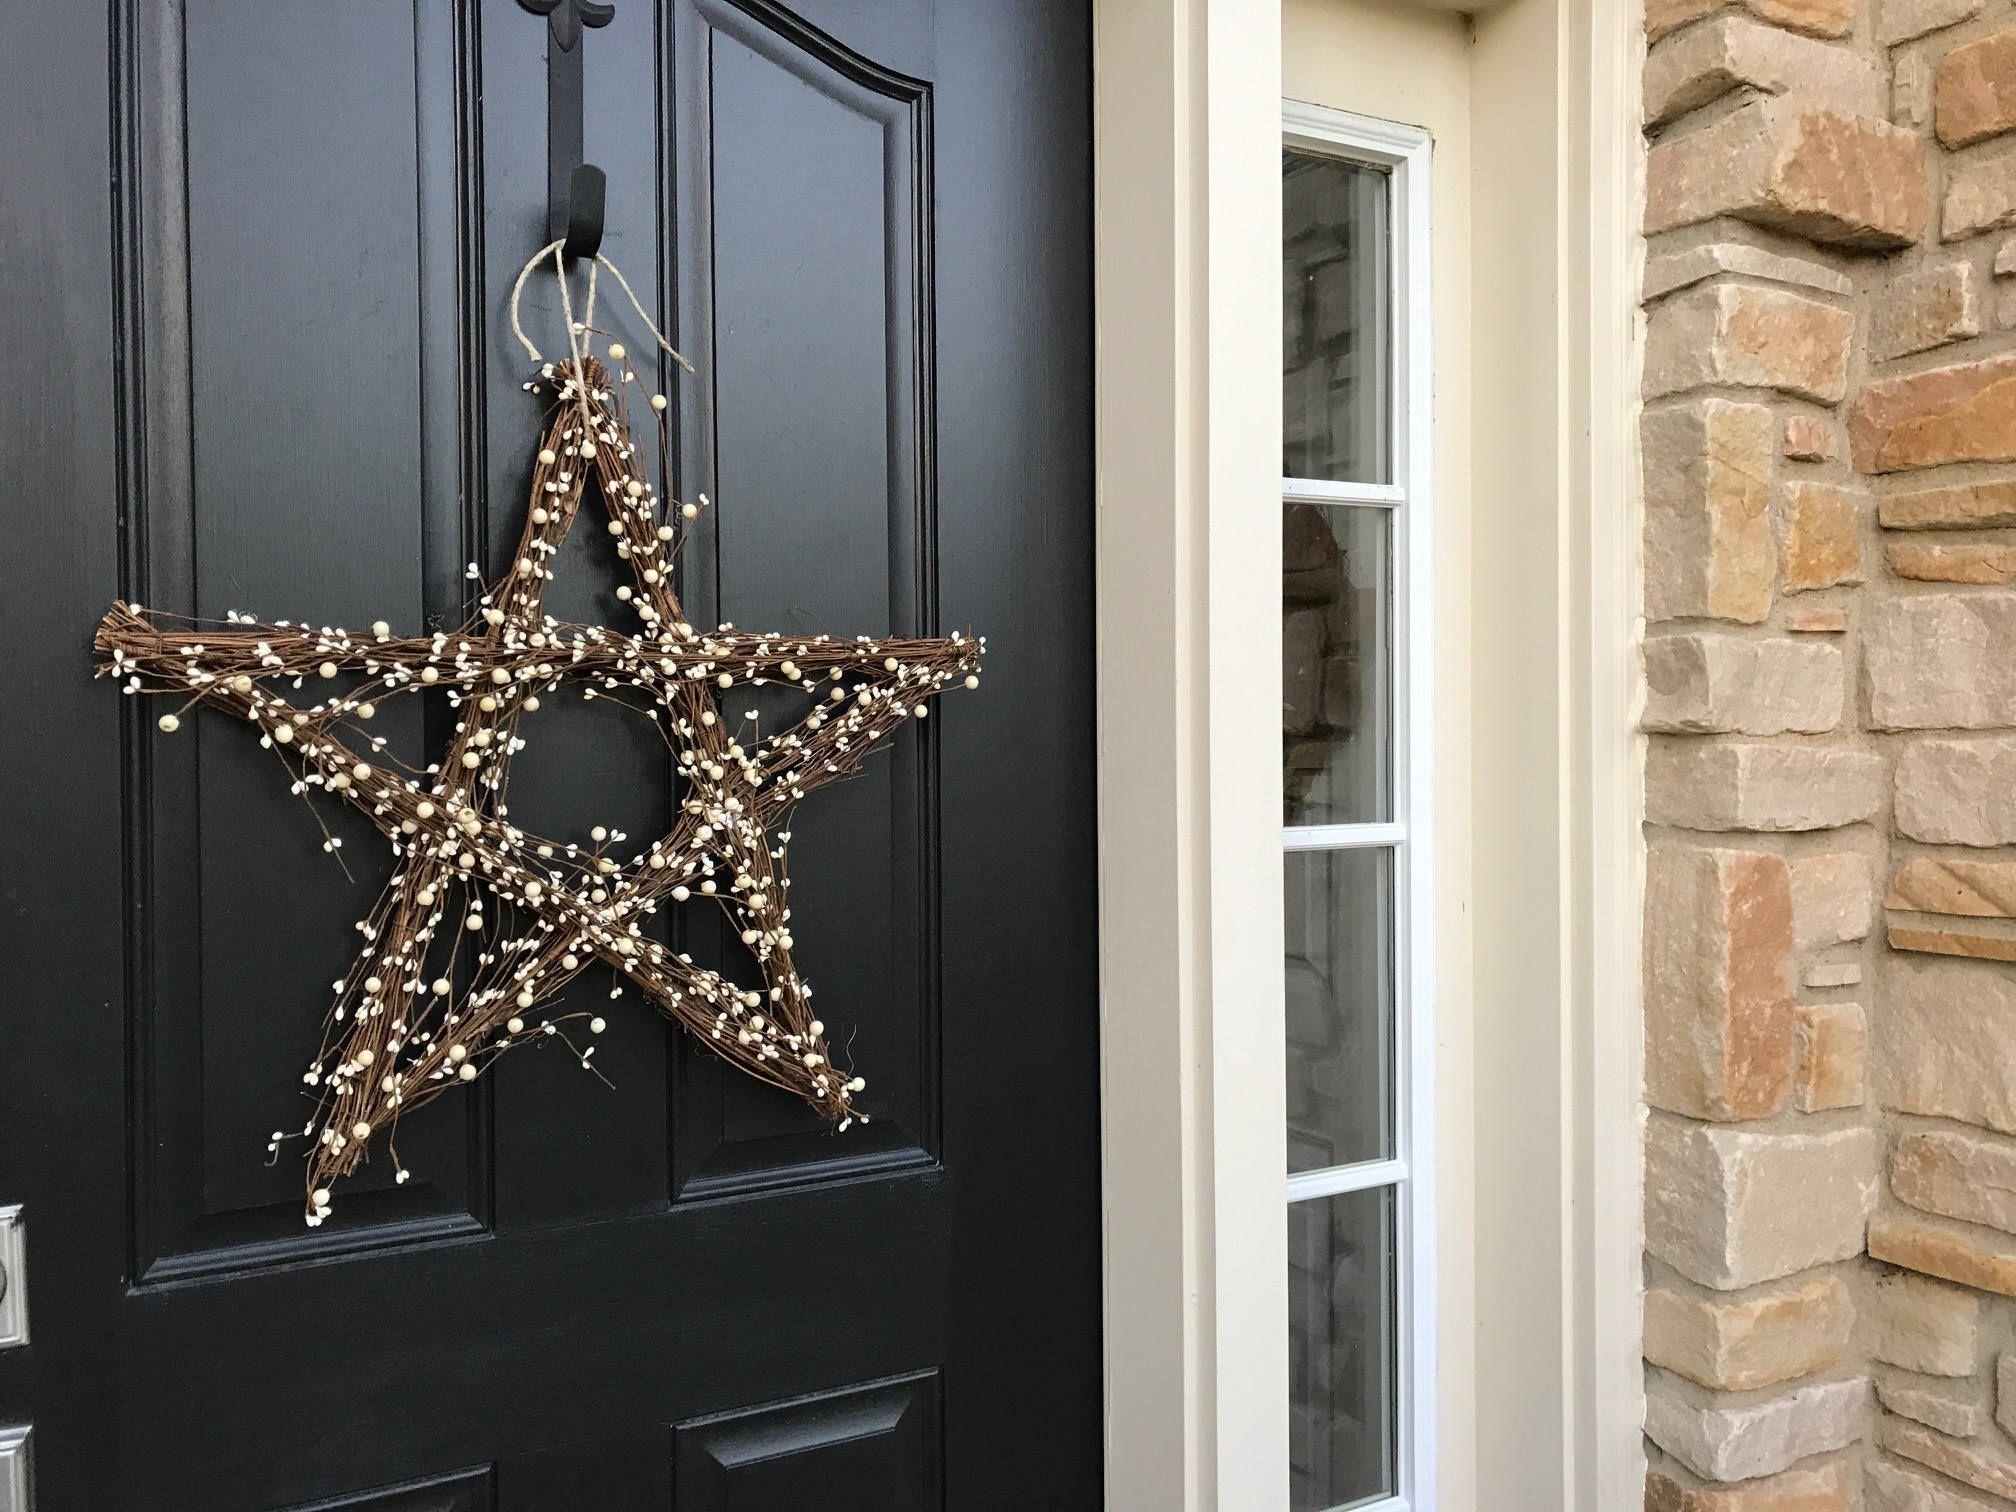 35 Christmas Door Decorating Ideas   Best Decorations For Your Front Door